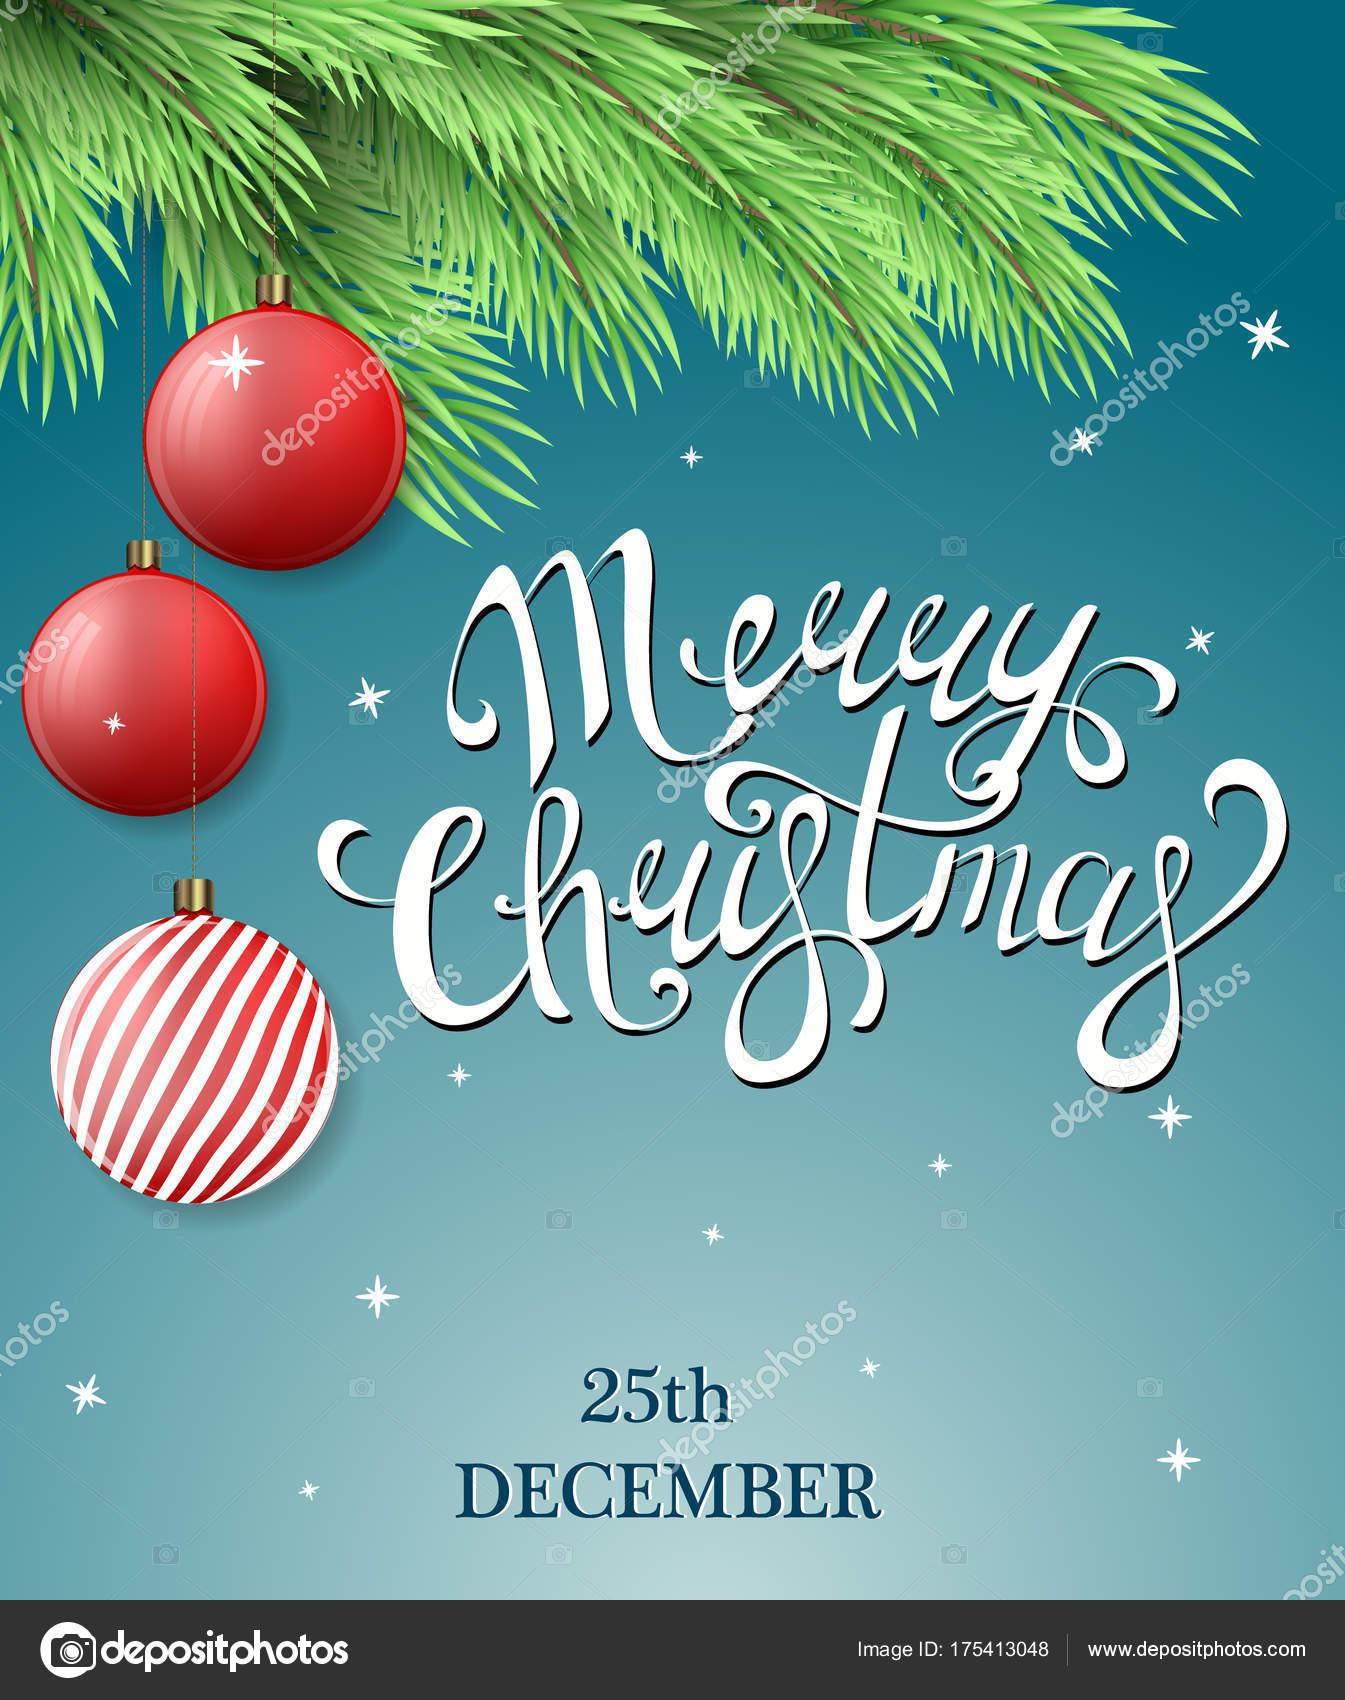 Immagini Con Scritte Di Buon Natale.Illustrazione Albero Natale Con Scritte Cartolina Buon